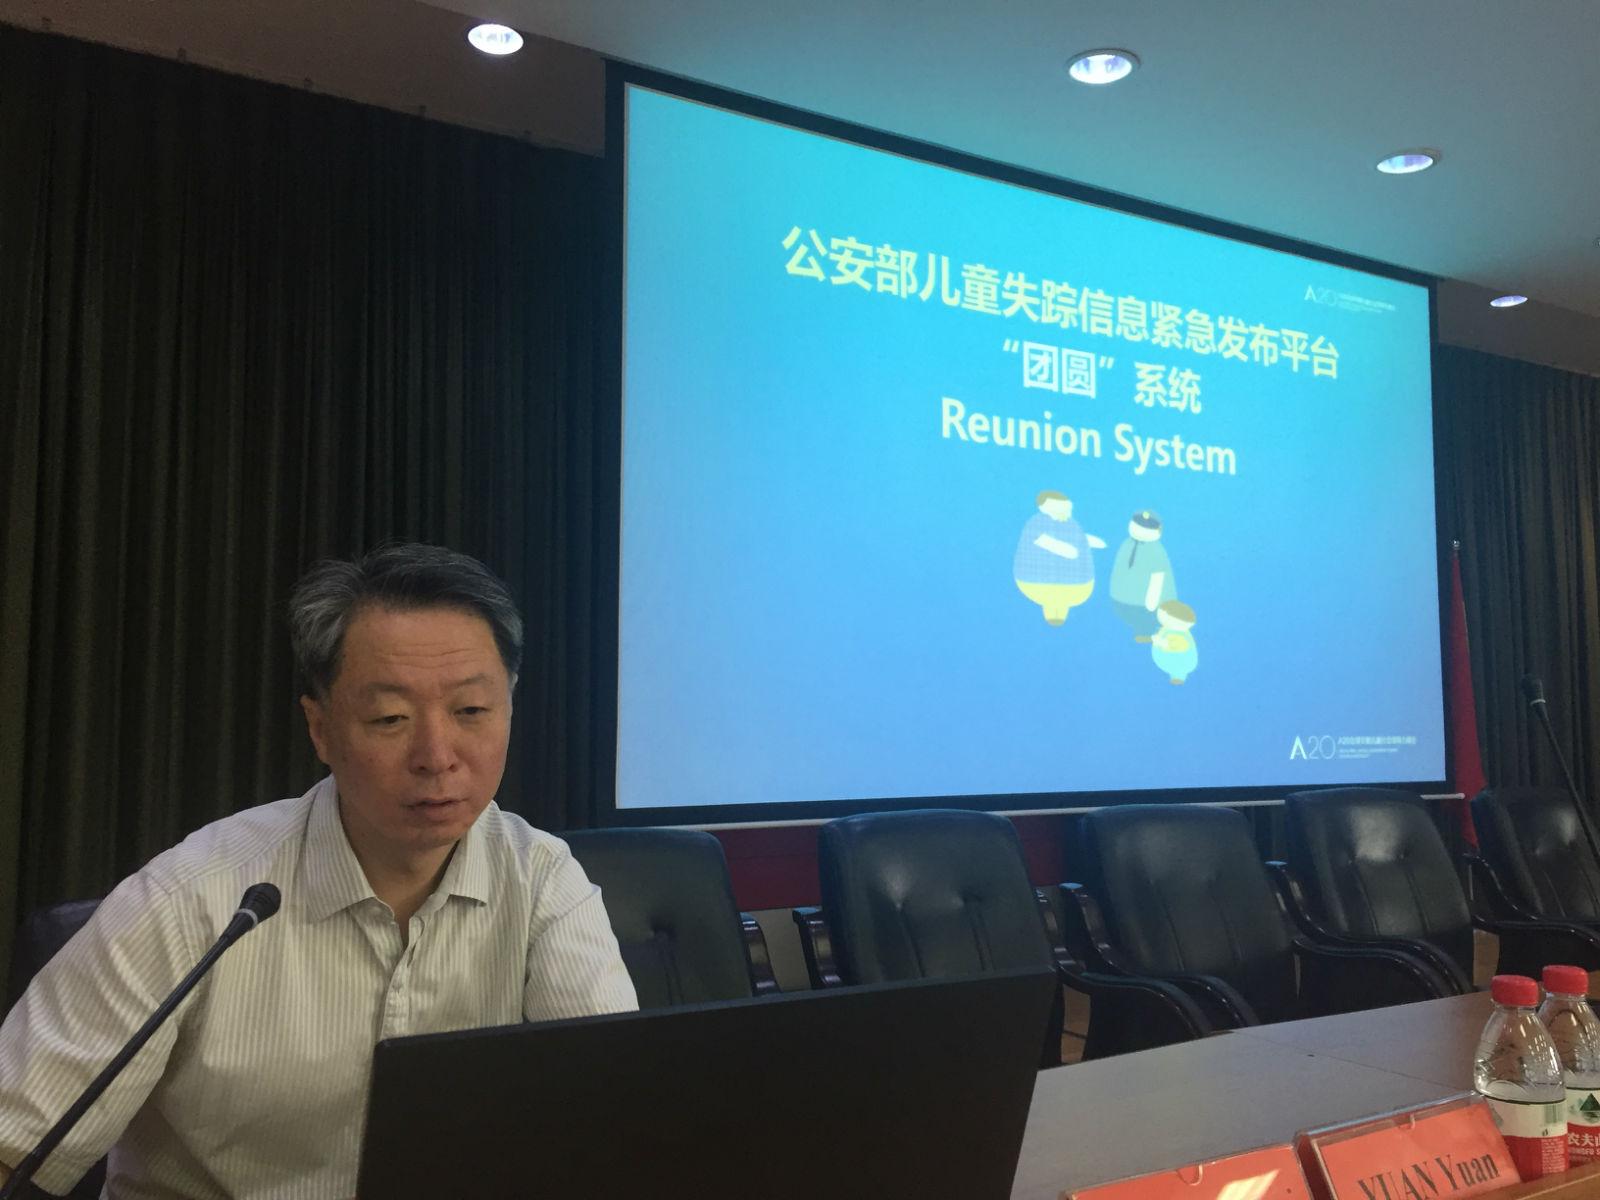 公安部刑侦局打拐办处长尹国海向14国警官介绍团圆系统_meitu_8